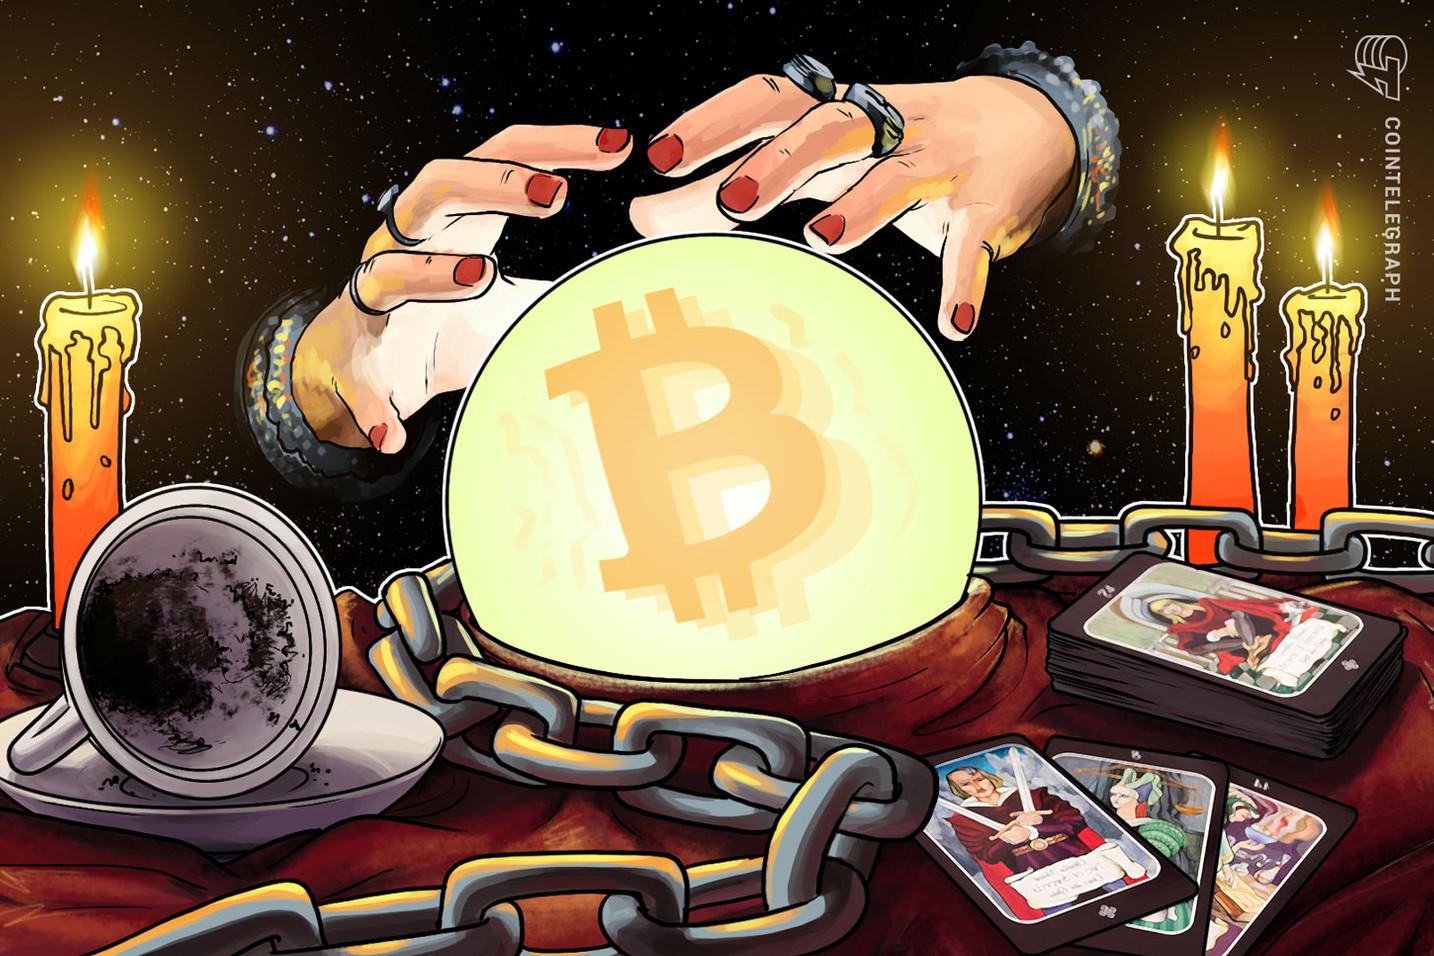 Lee von Fundstrat gesteht falsche Bitcoin-Rallye-Prognose ein